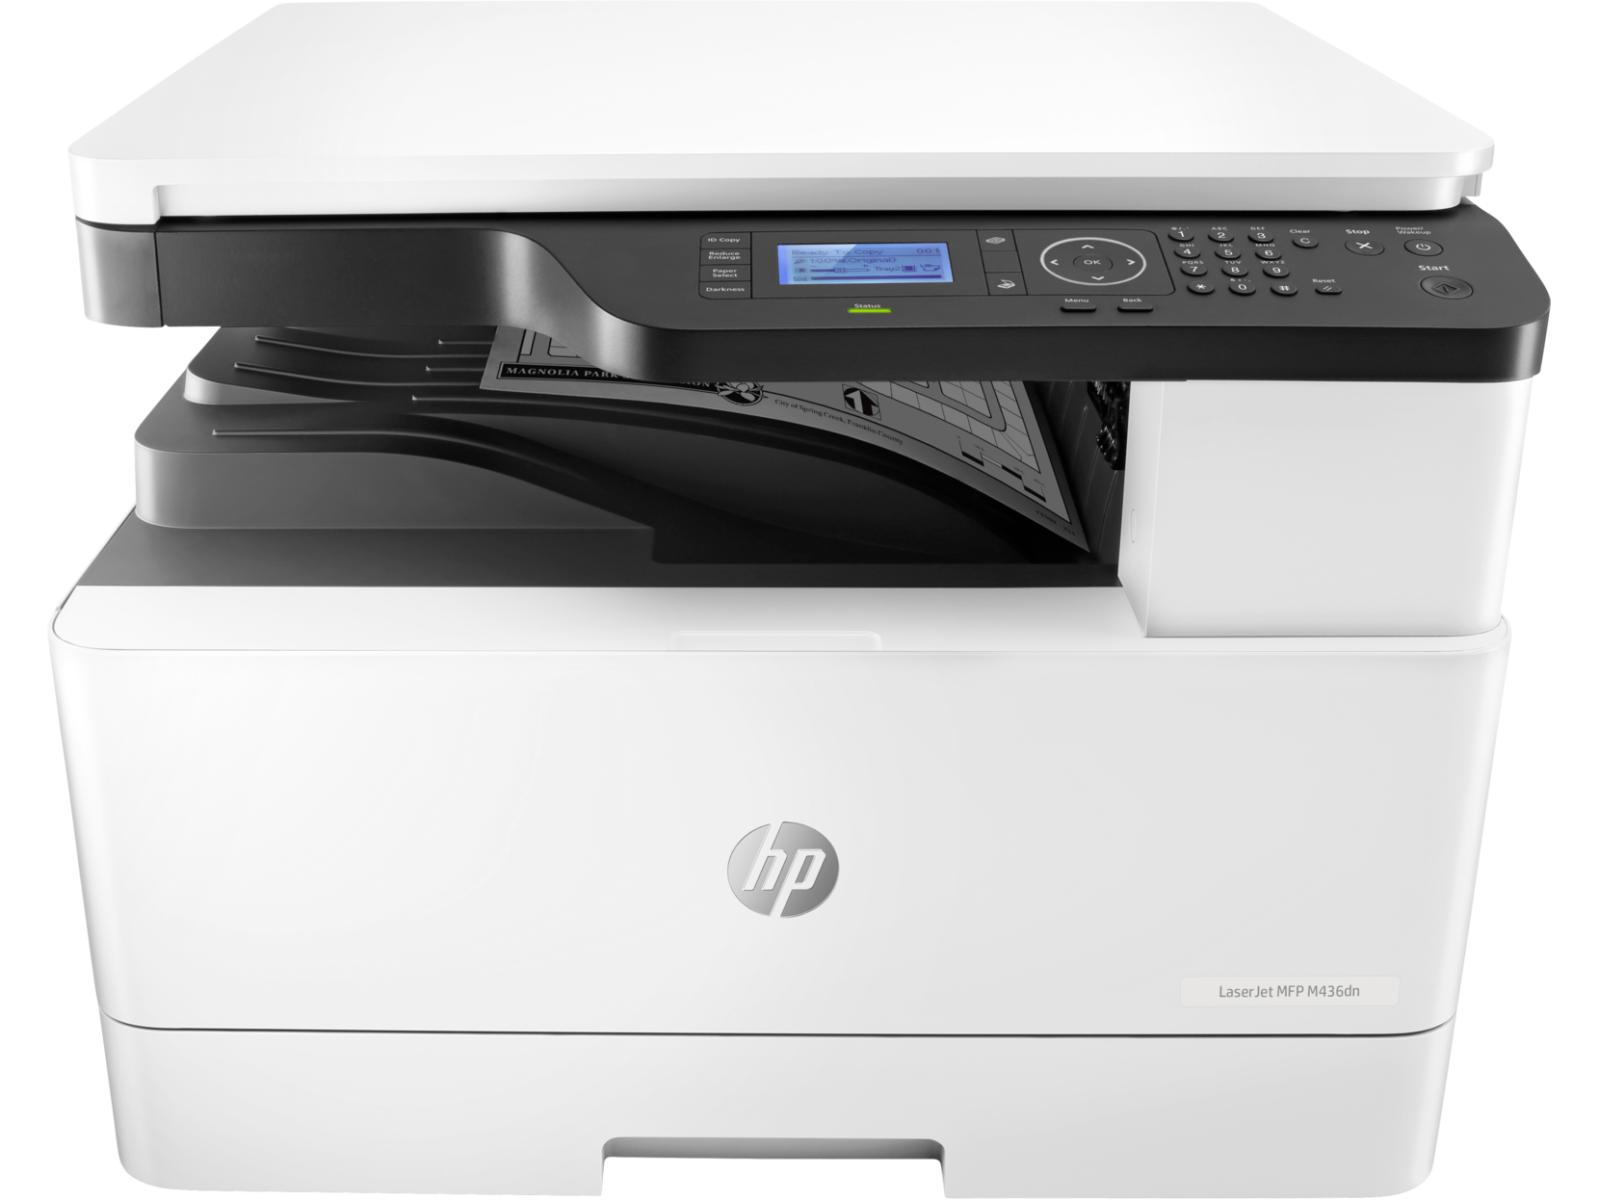 Máy in A3 đa năng HP M436dn Printer